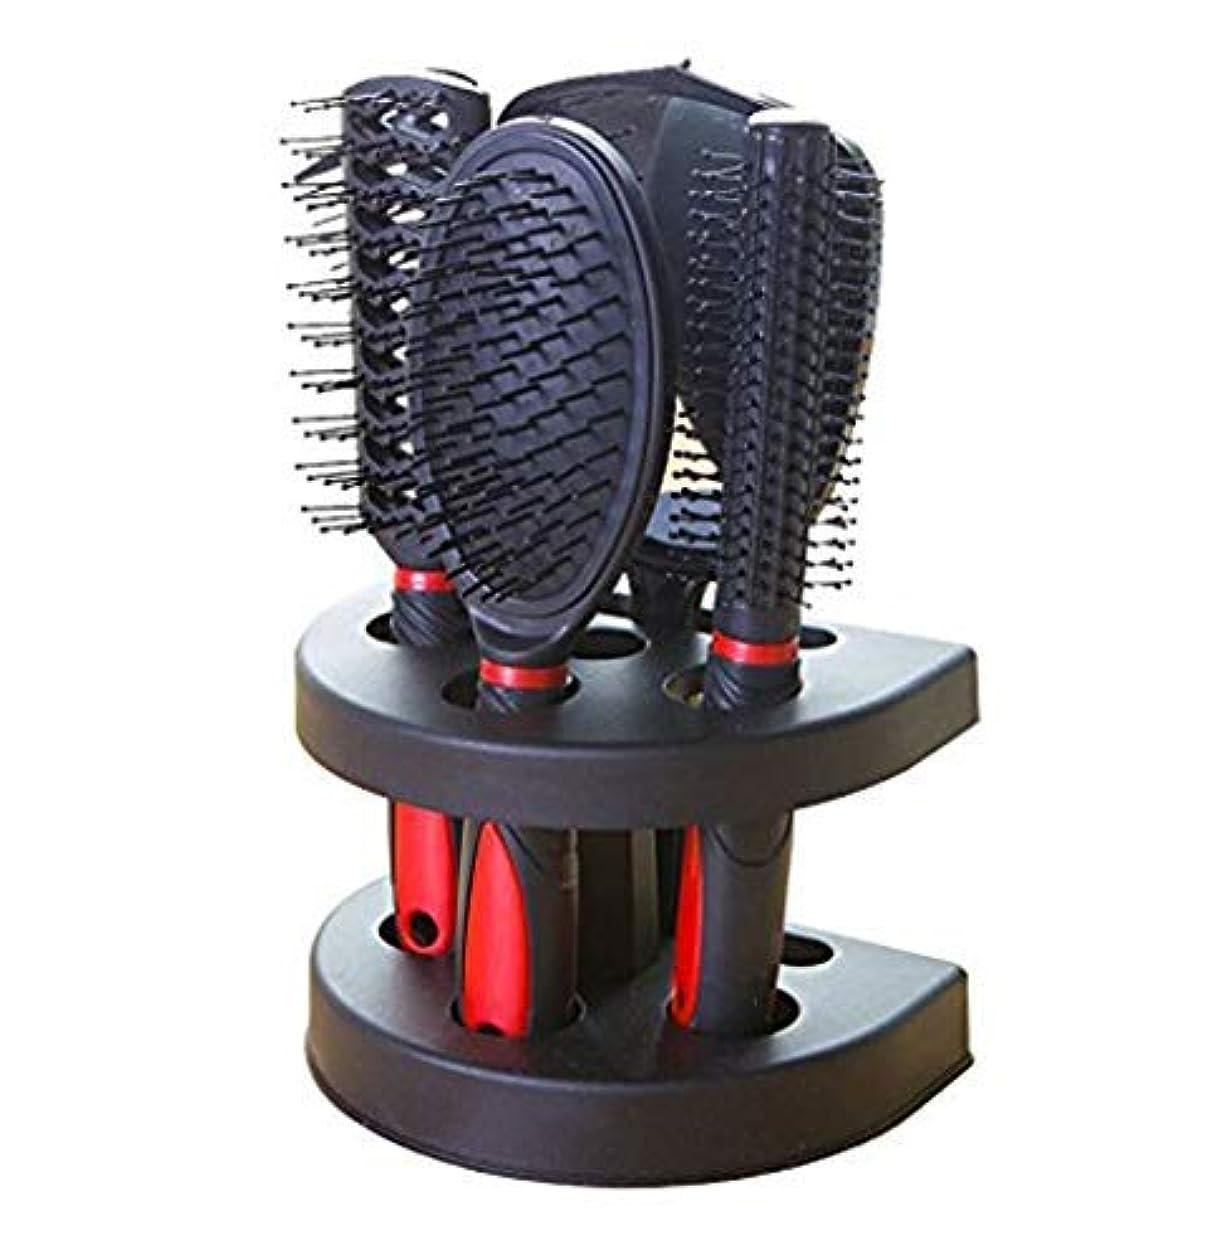 オッズかみそり山Healthcom Hairs Combs Salon Hairdressing Styling Tool Hair Cutting Brushes Sets Dressing Comb Kits,Set of 5 [並行輸入品]